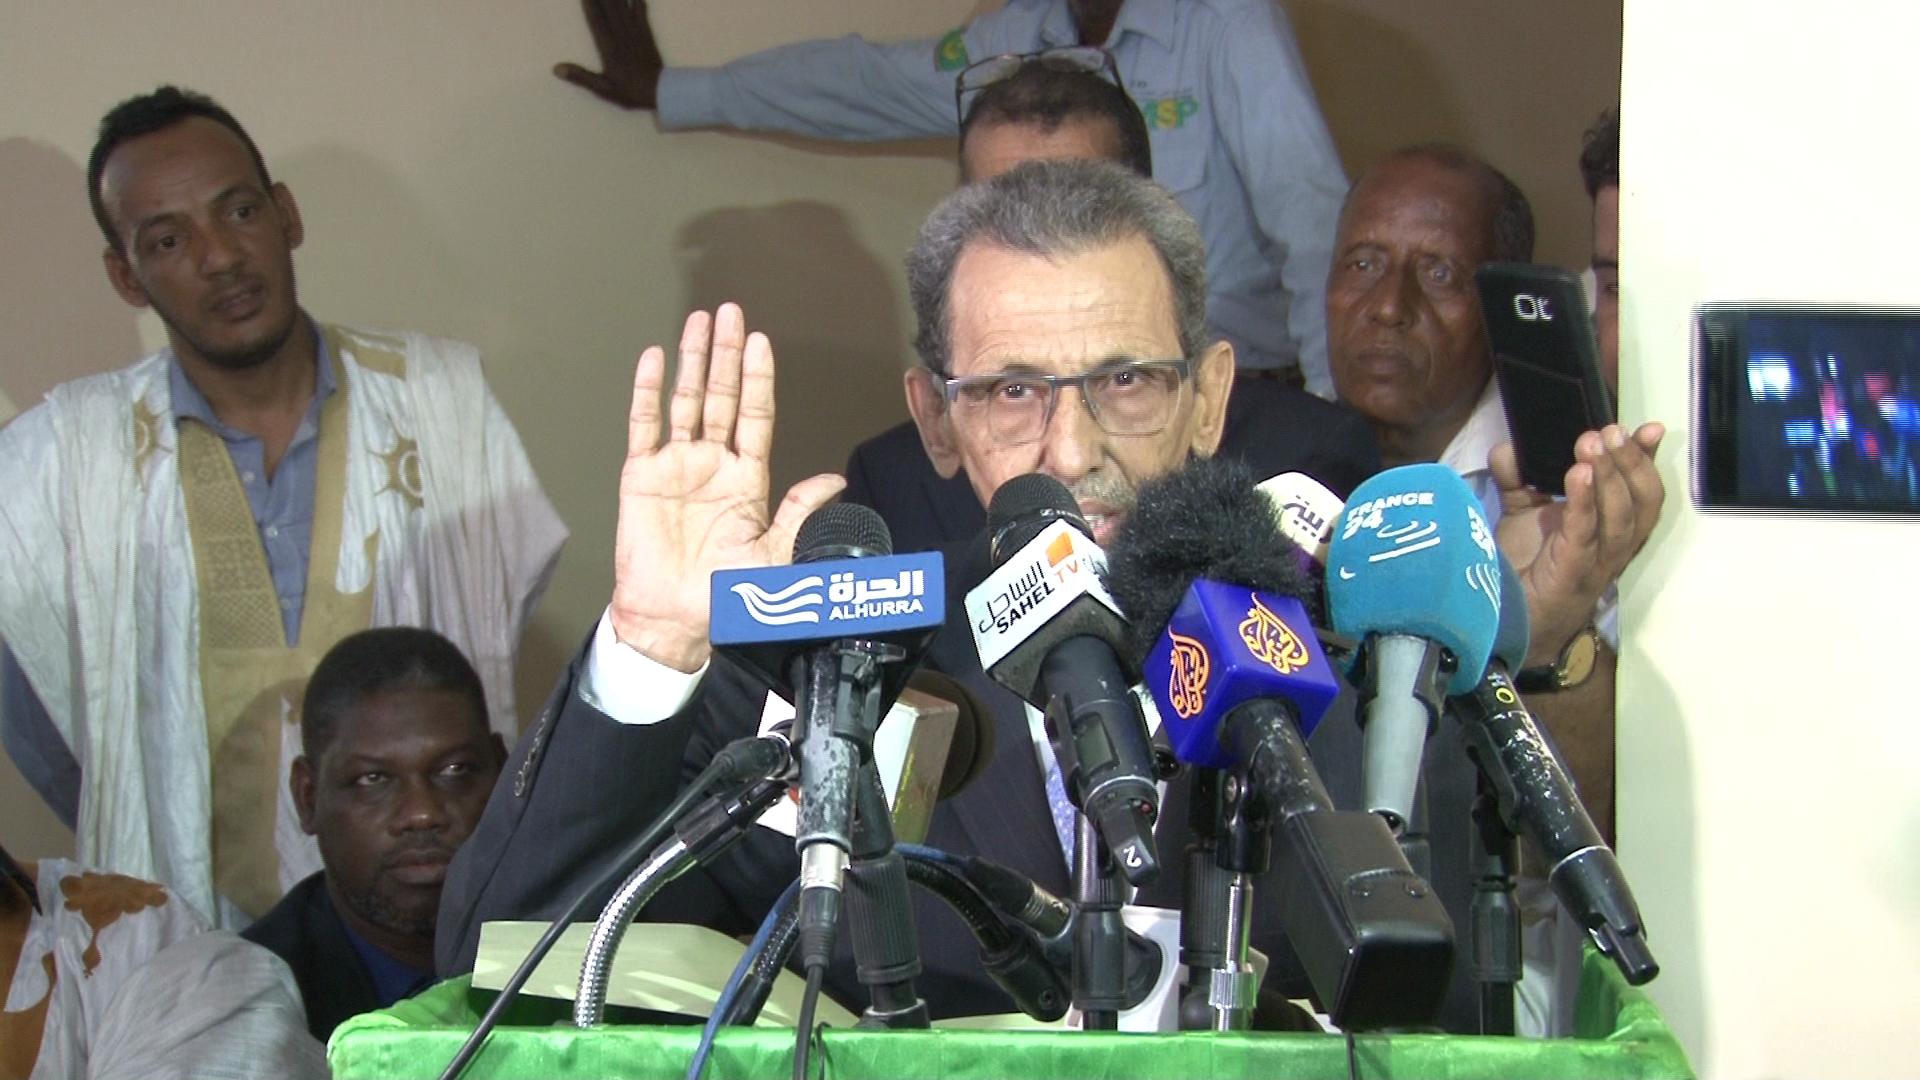 رئيس اللجنة المستقلة للانتخابات محمد فال ولد بلال (الأخبار - أرشيف)